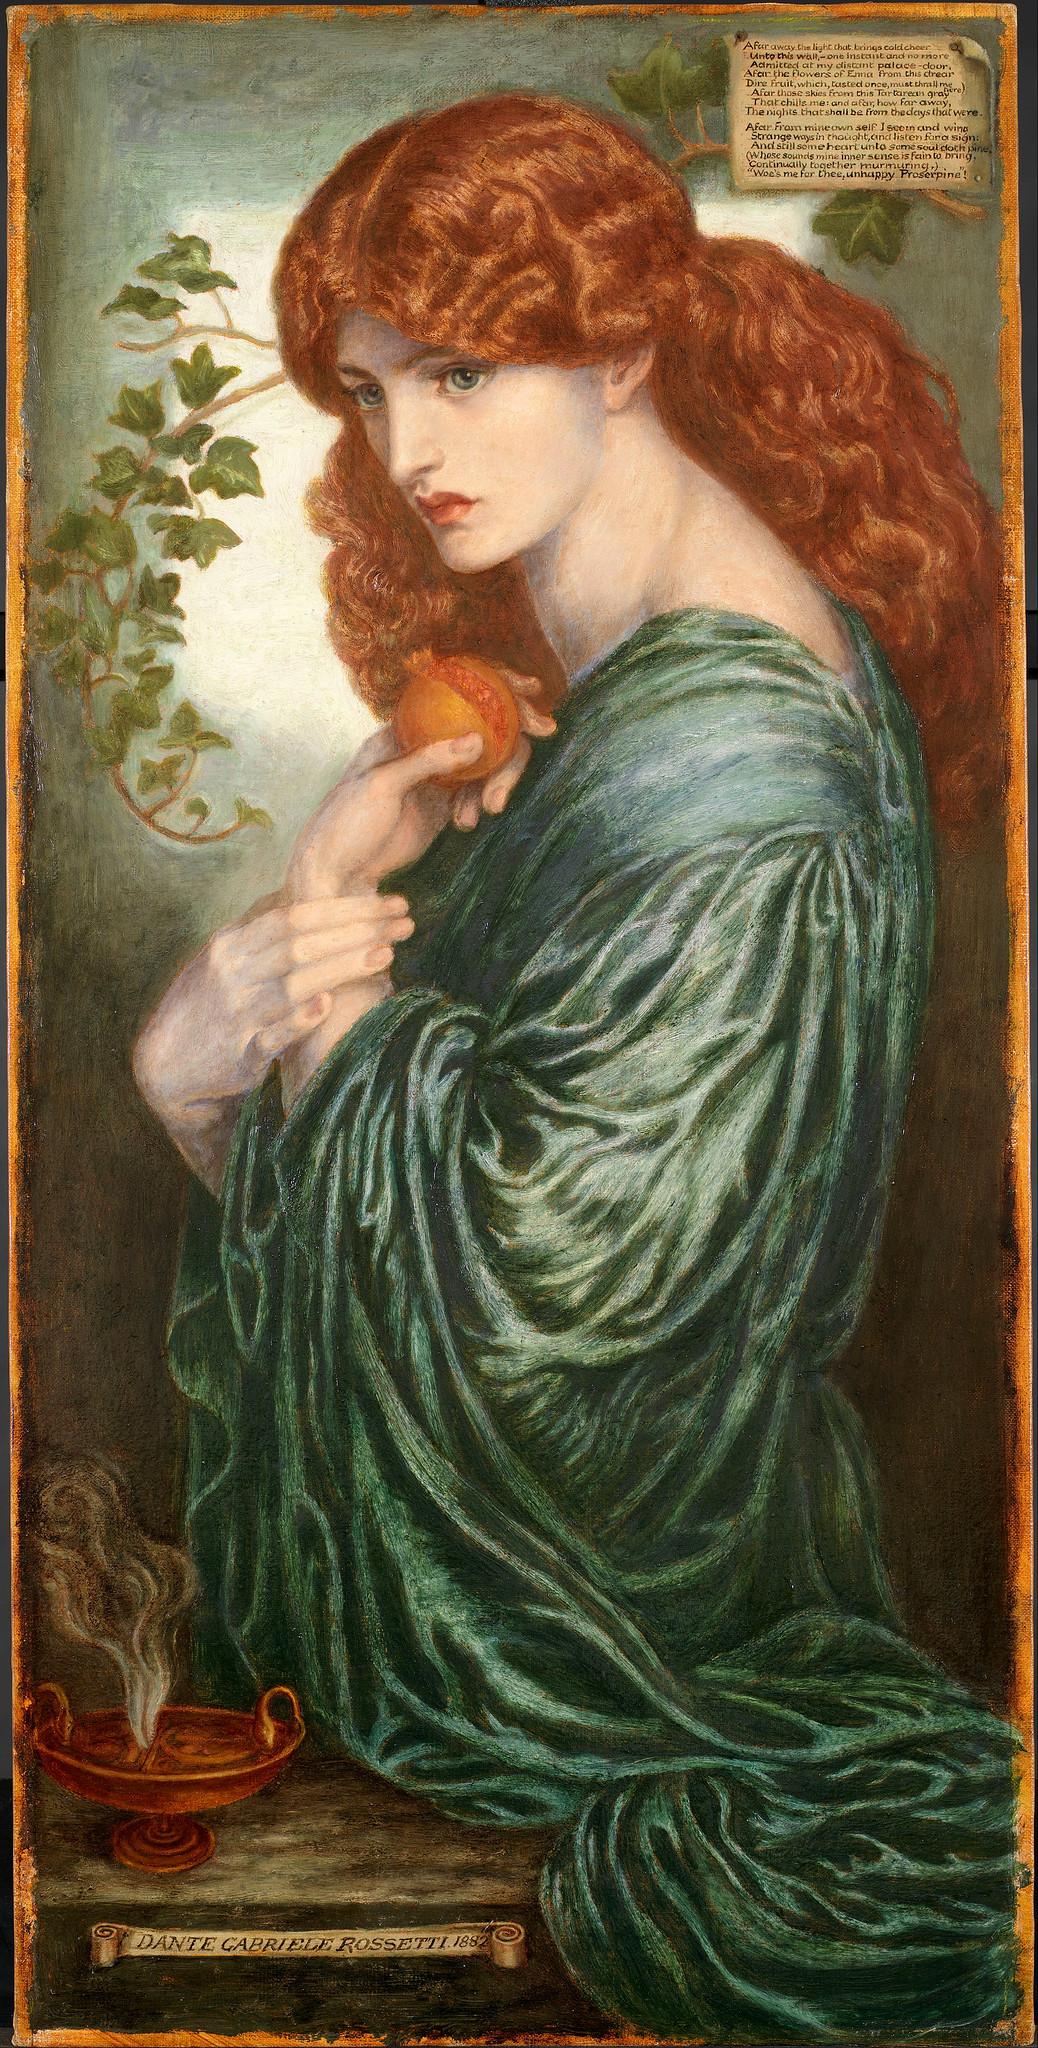 Proserpine by Dante Gabriel Rossetti, 1882